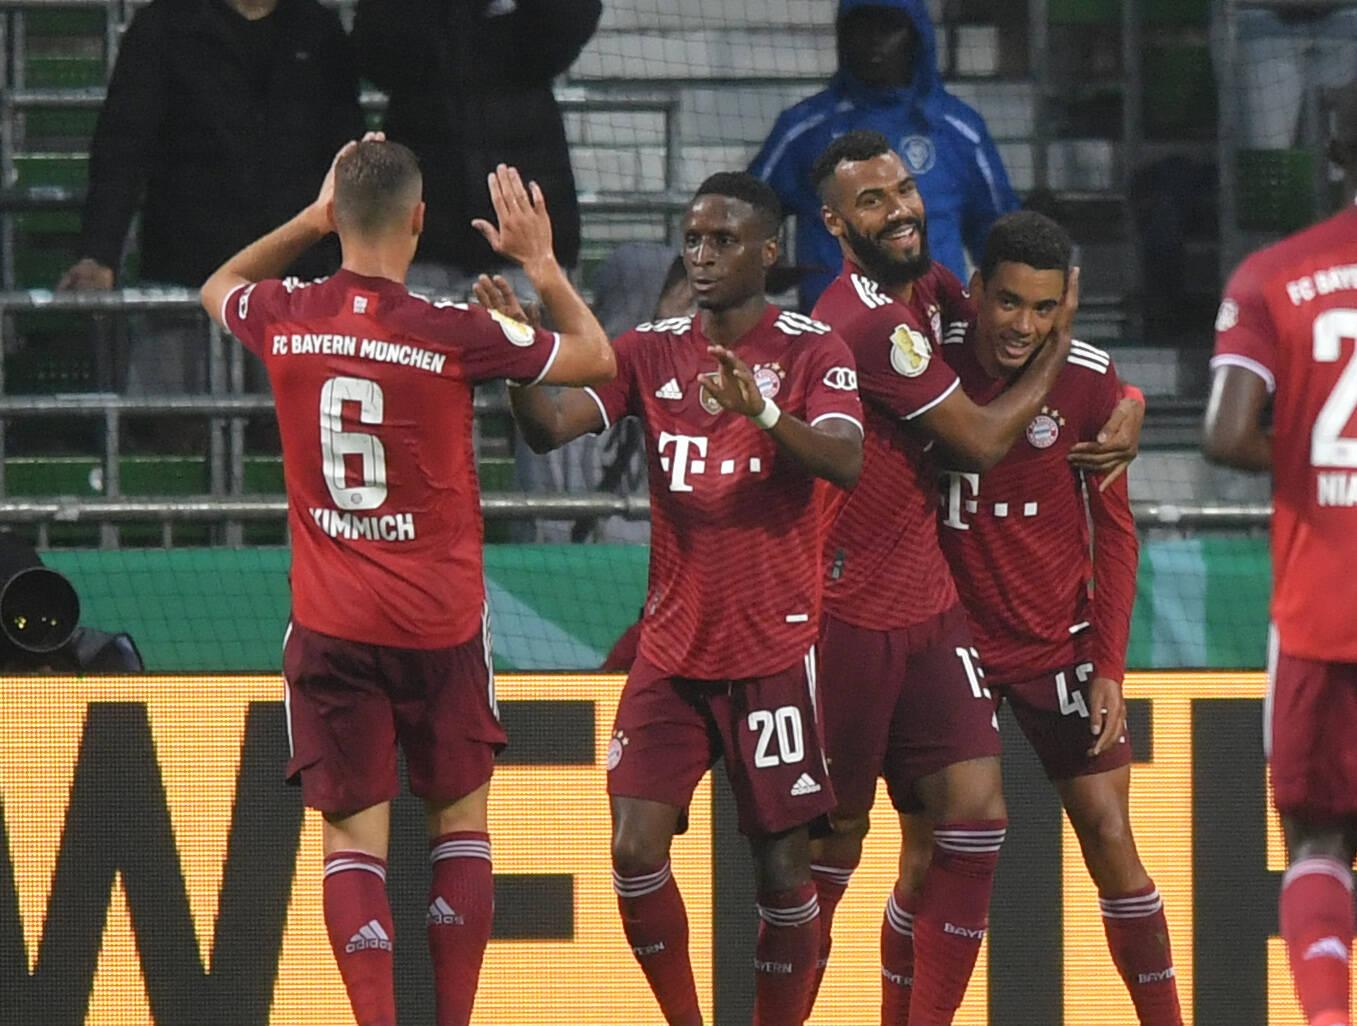 DFB-Pokal | Im Dutzend billiger! Bayern demoliert Bremer SV